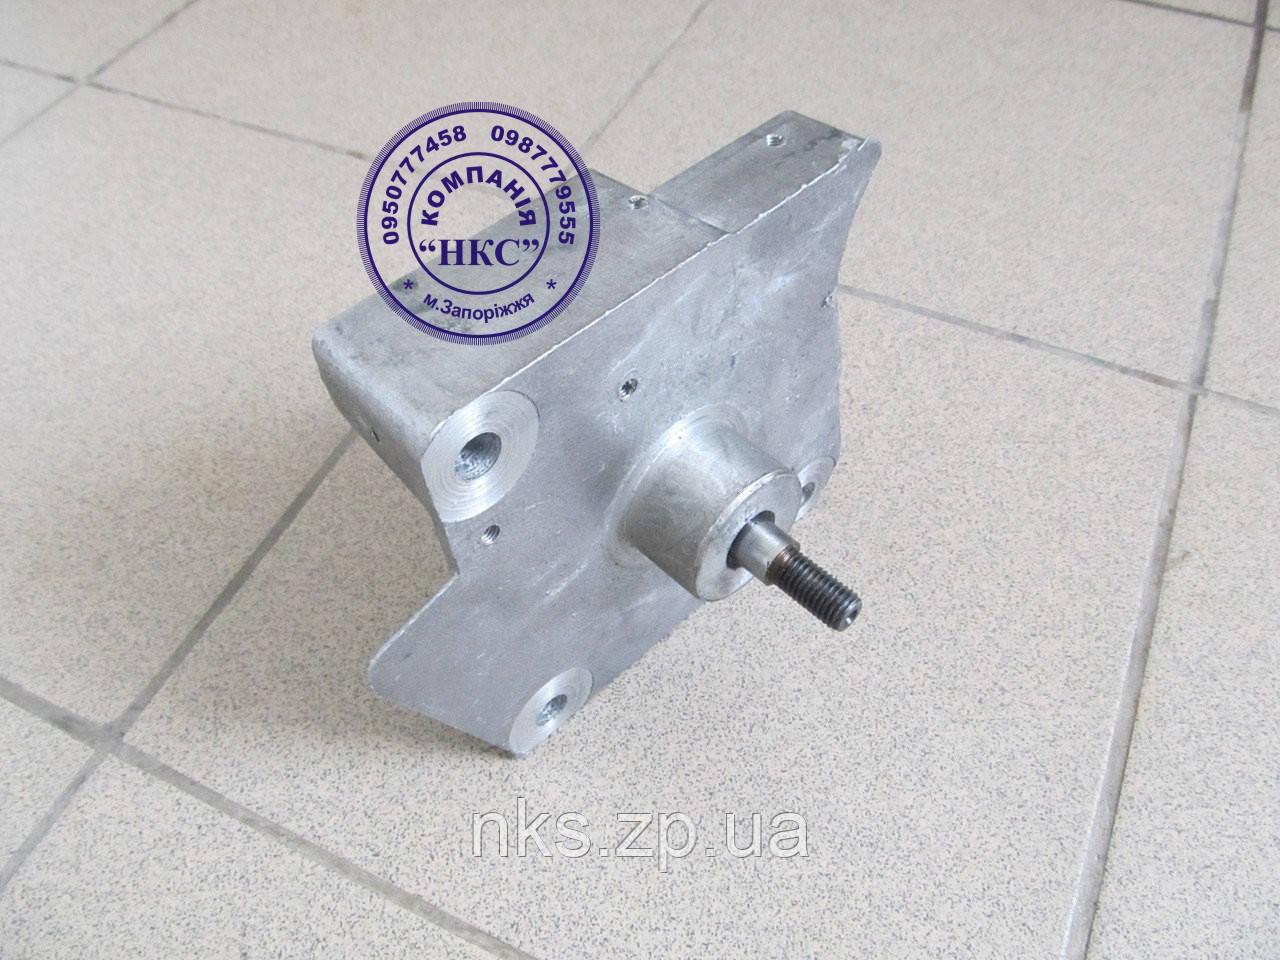 Корпус камеры питания (на подшипнике) СПЧ-6.